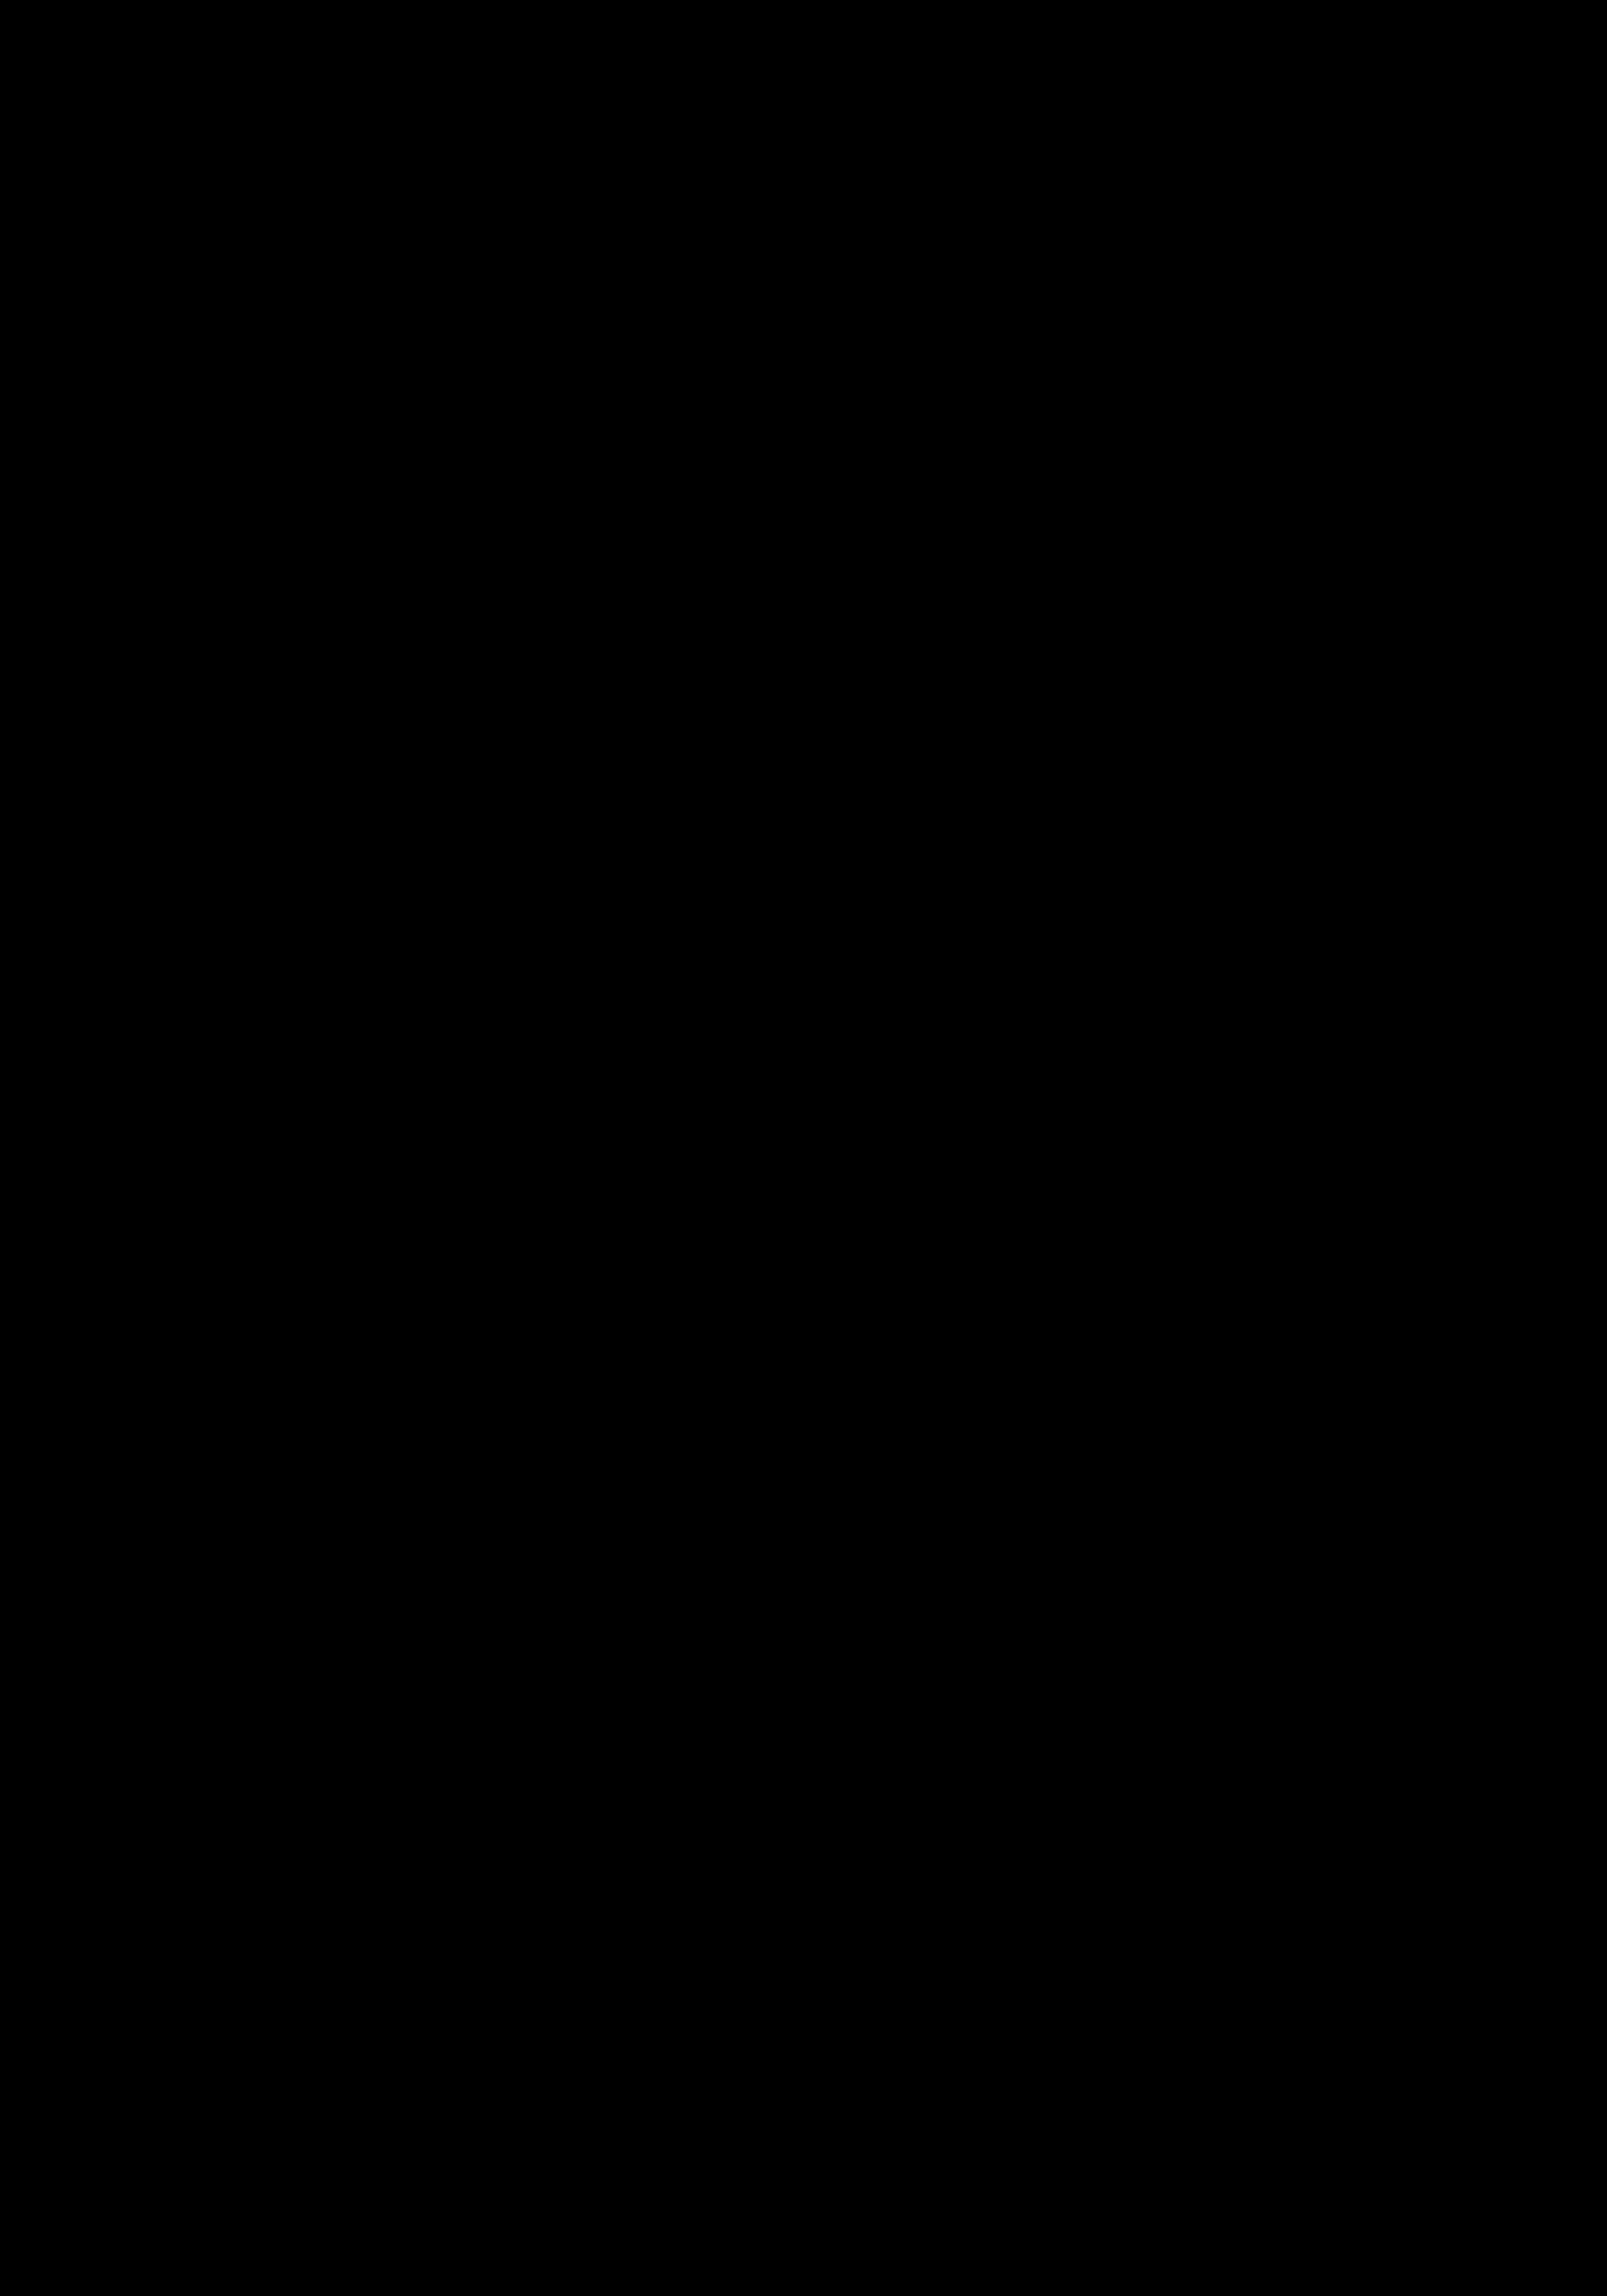 Bản đồ Miền Bắc trên bản đồ Việt Nam